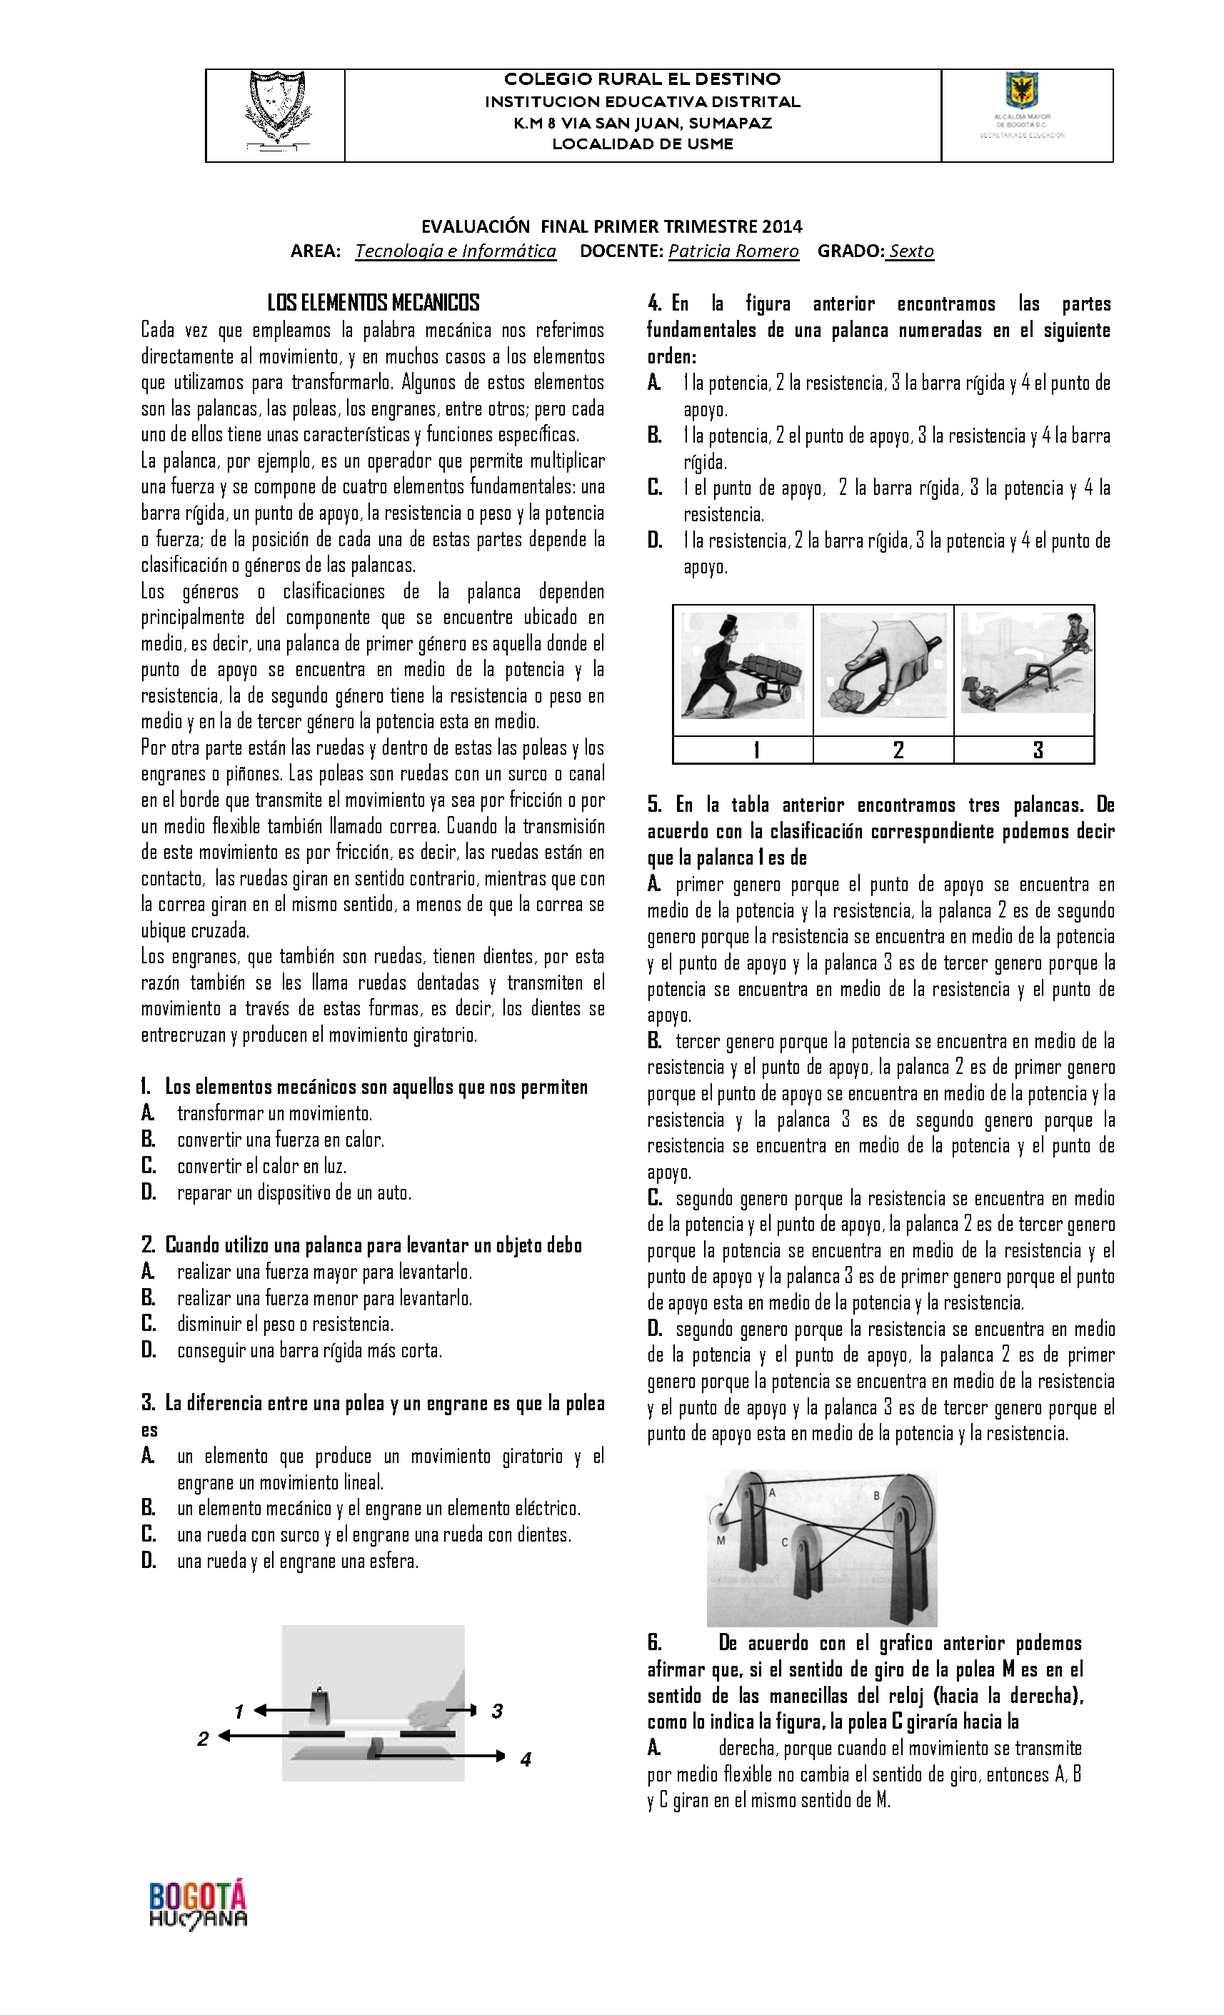 BANCO DE PRUEBAS TIPO ICFES ÁREA DE TECNOLOGÍA E INFORMÁTICA